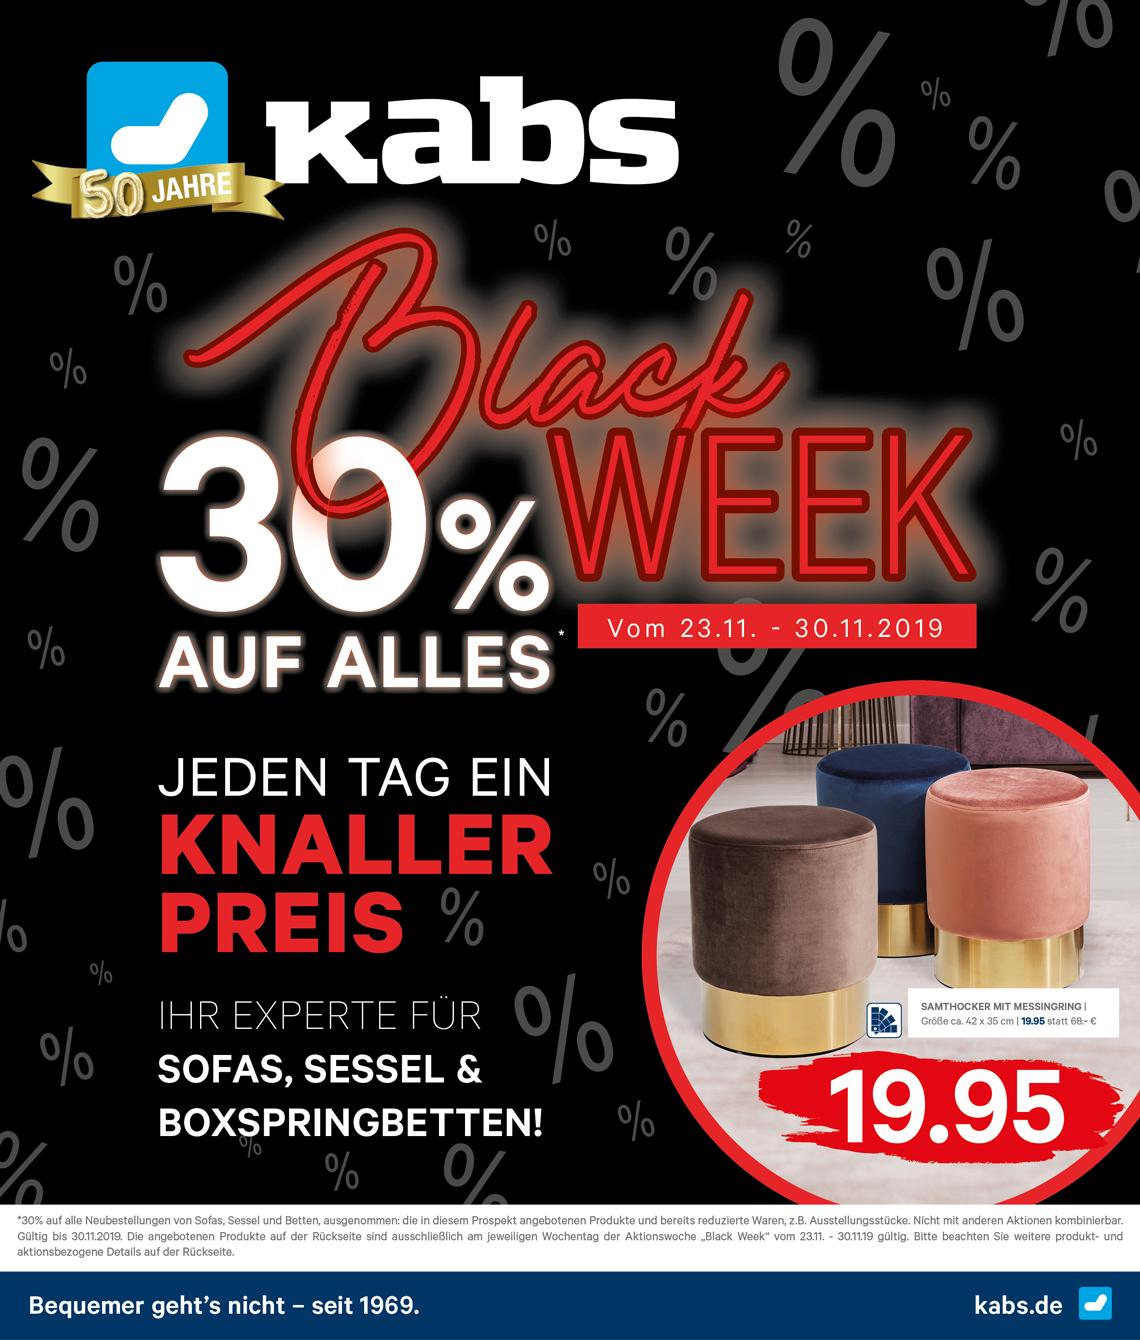 Kabs PolsterWelt Blackweek 30% auf Alles!